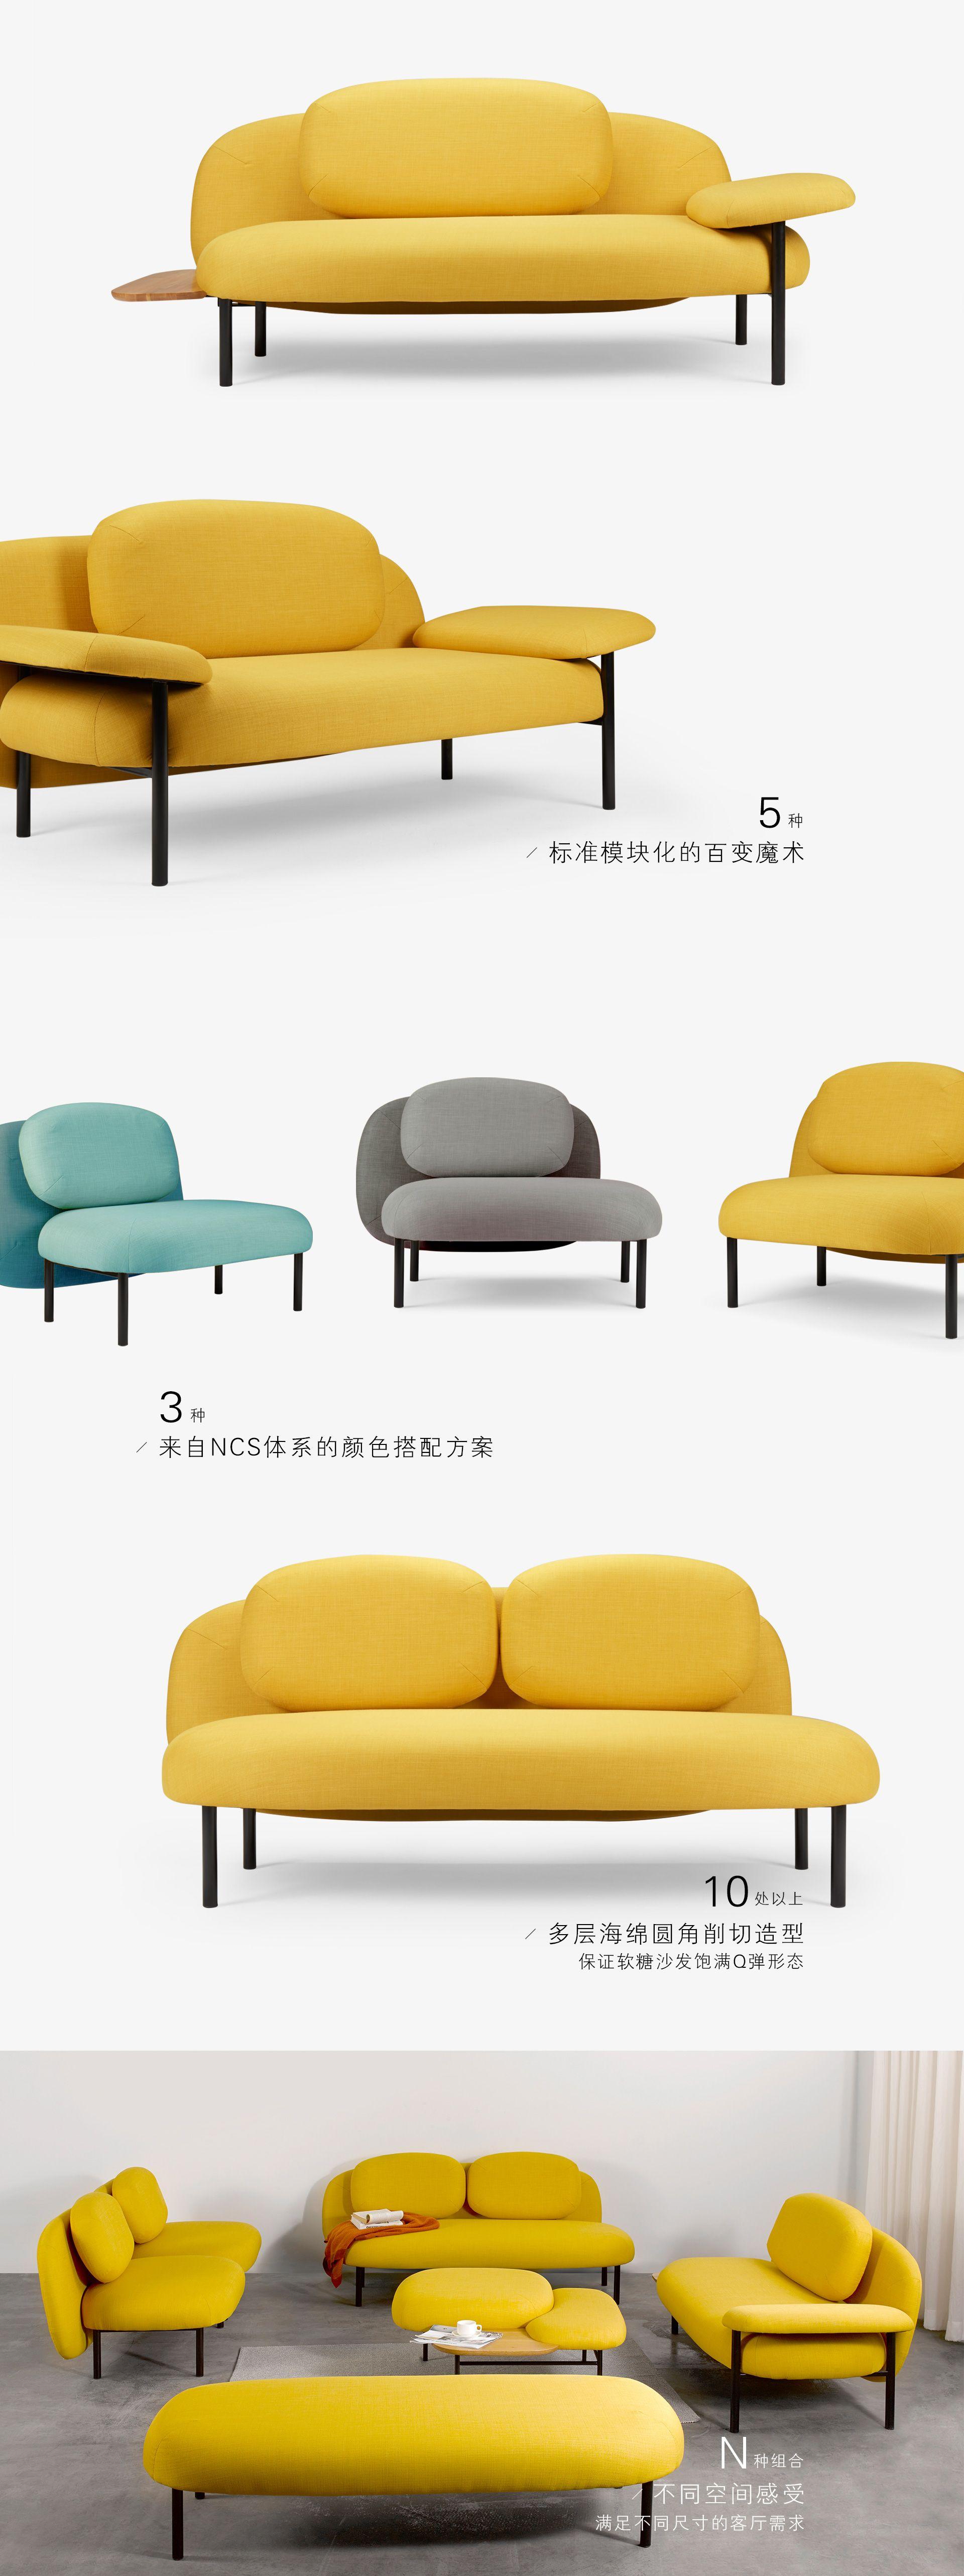 Sofa by Yonoh Creative Studio for Zaozuo.   Objet   Pinterest